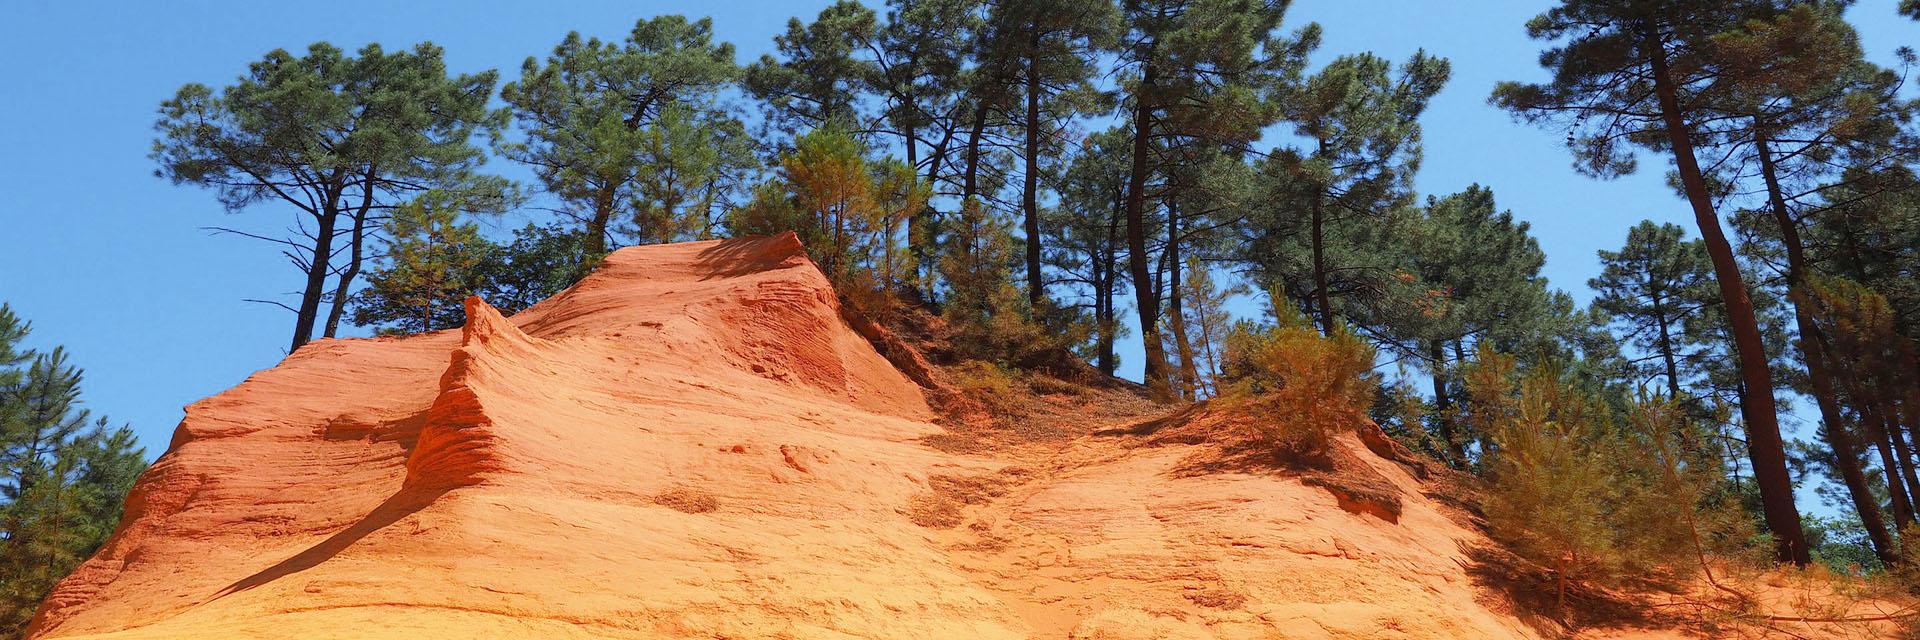 Escapade et couleurs de la Haute-Provence - Le Cloître des Dominicains